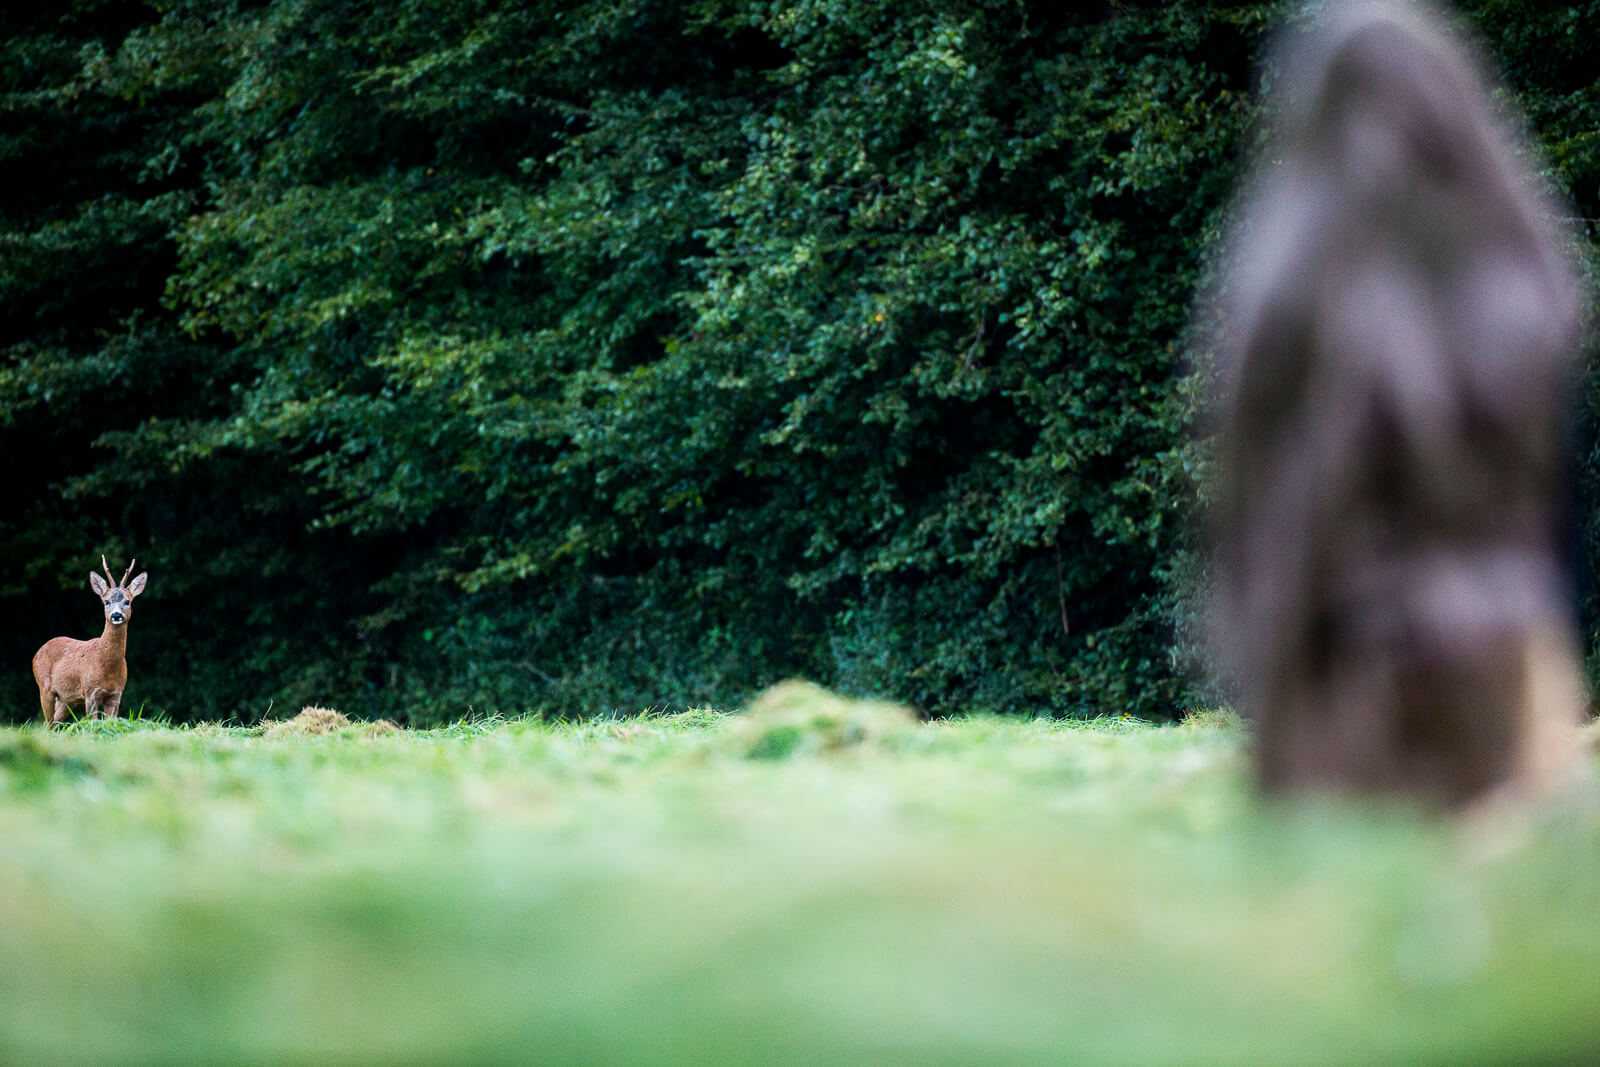 Technique de l'affut pour observer les animaux sauvages